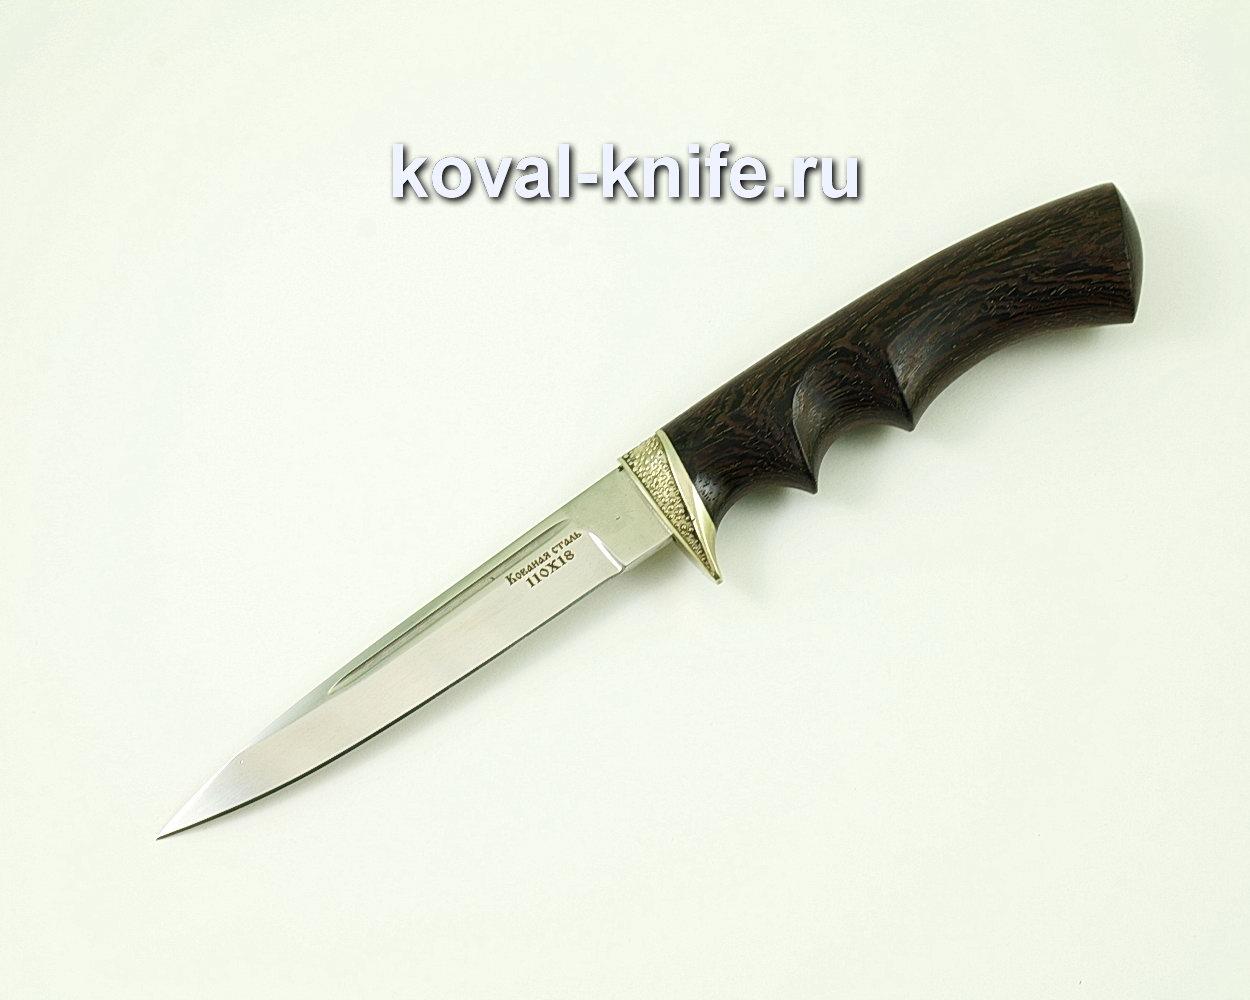 Нож Коготь из стали 110х18 (рукоять граб, литье) A413